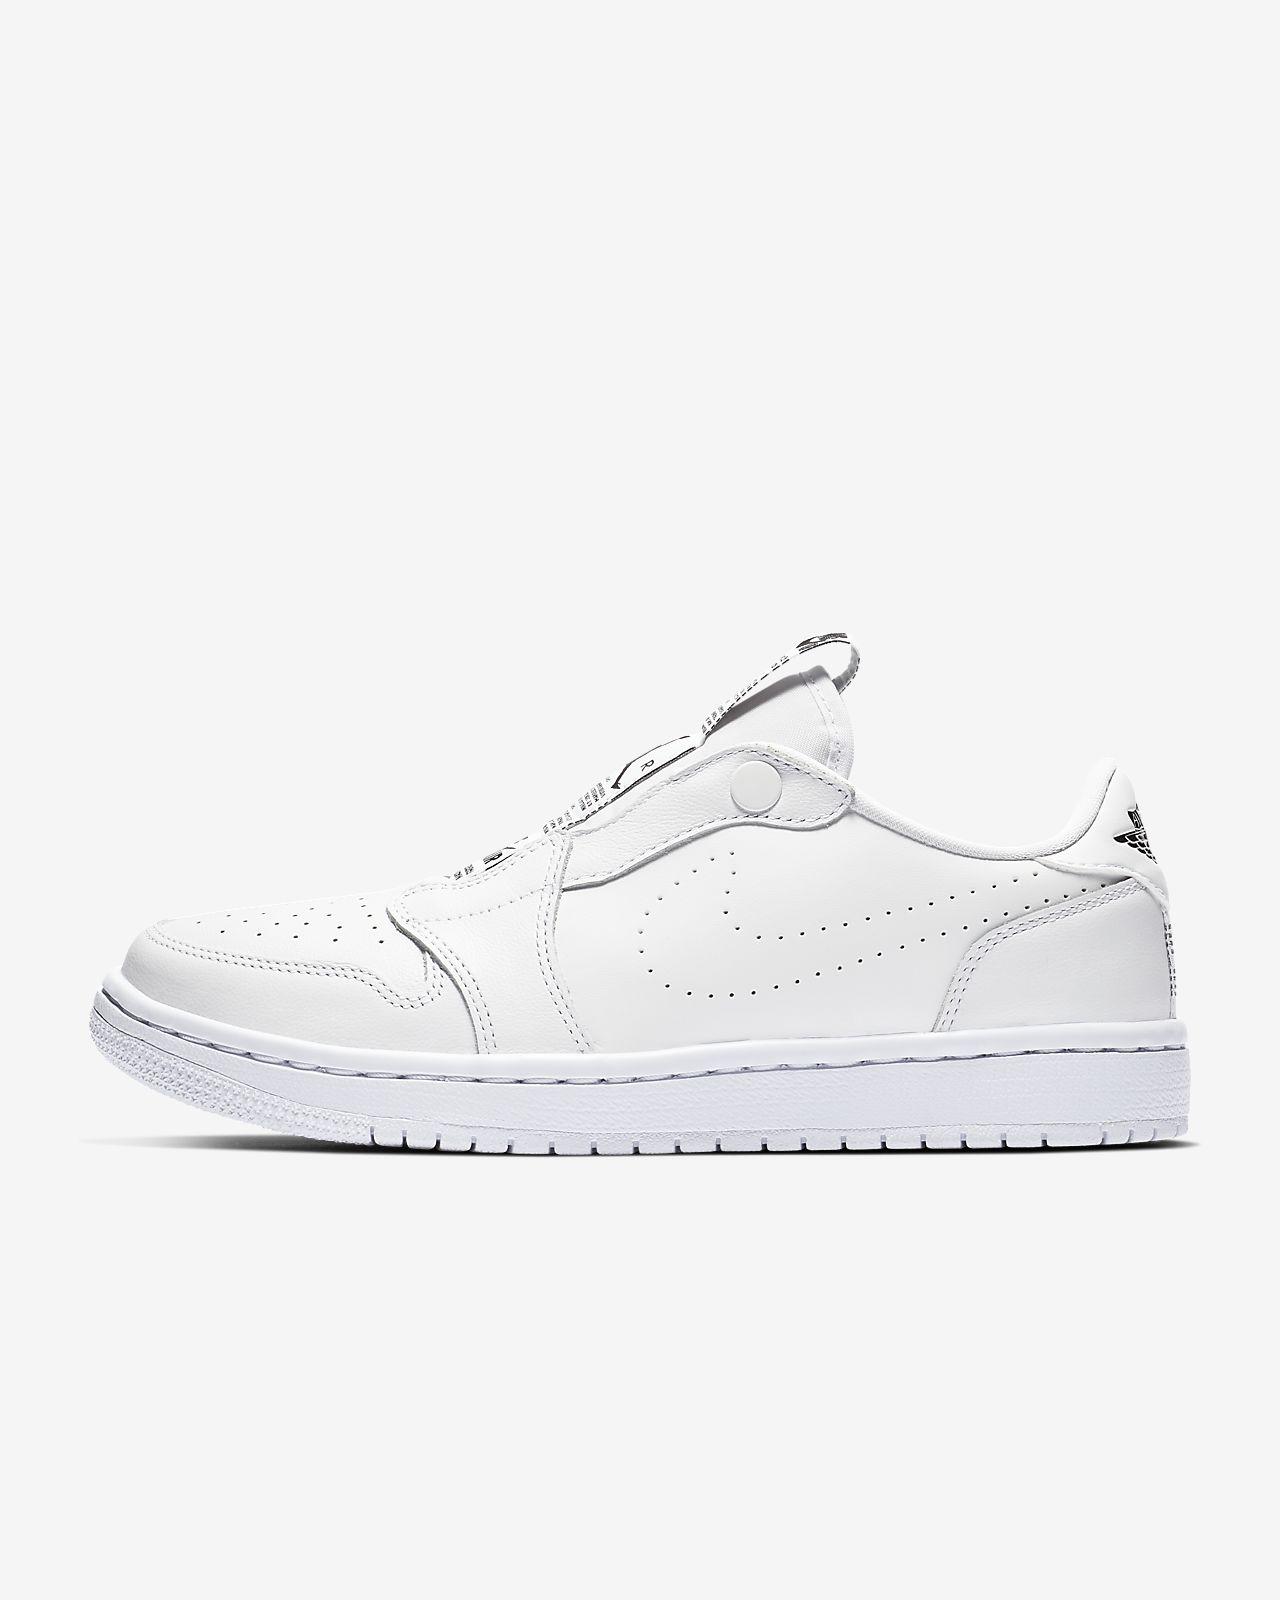 Air Jordan 1 Retro Low Slip Kadın Ayakkabısı